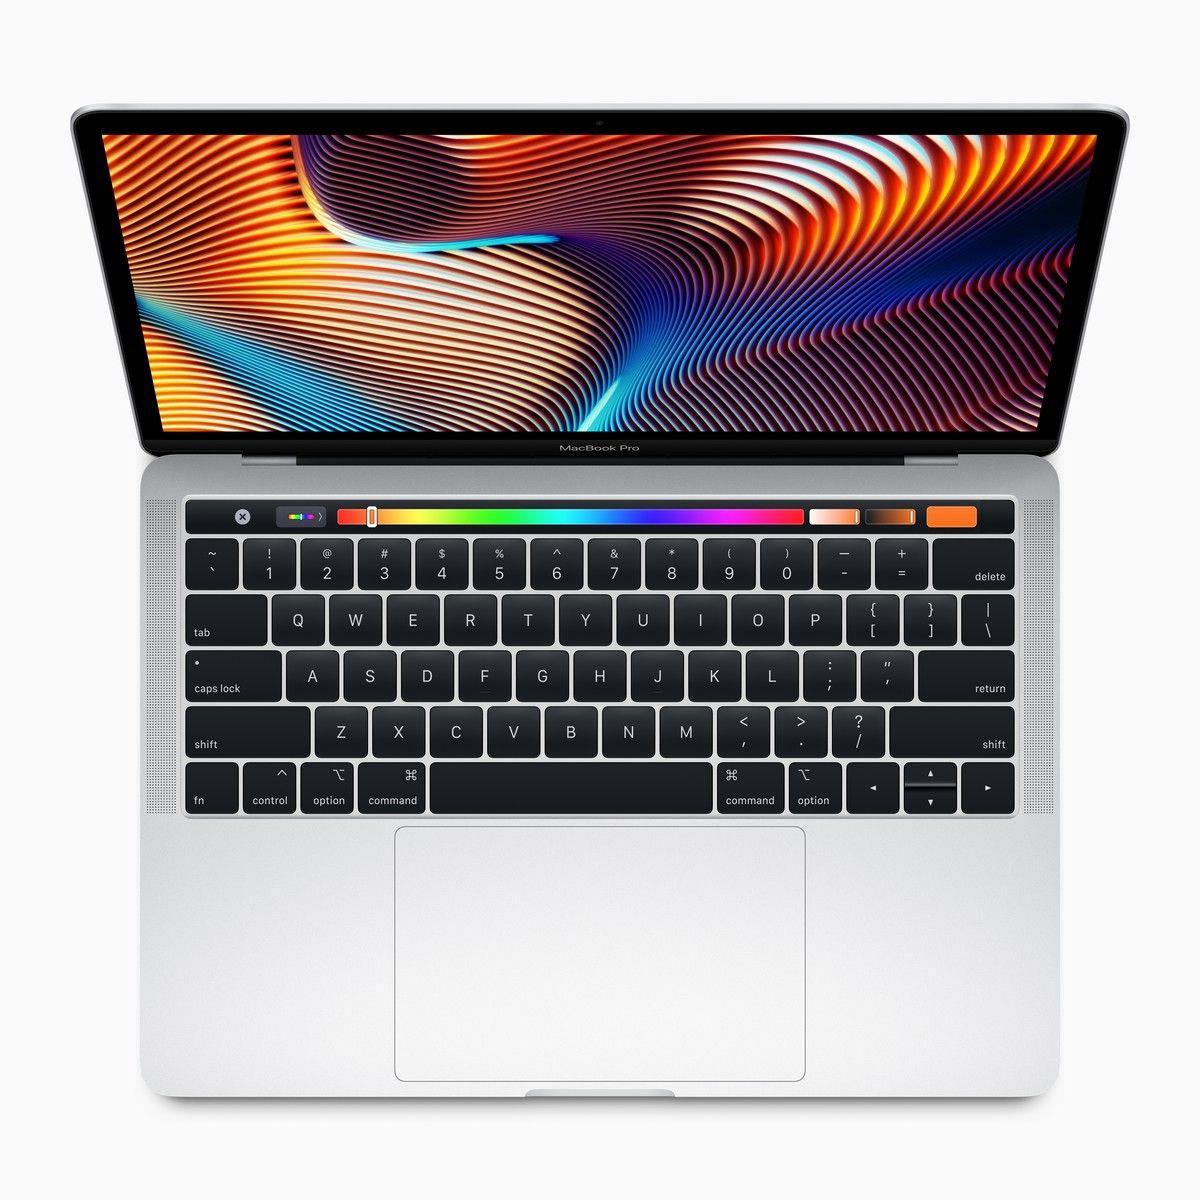 Một số Ưu điểm MacBook 13 inch nhập cảnh 2019 đang bất ngờ tắt 1